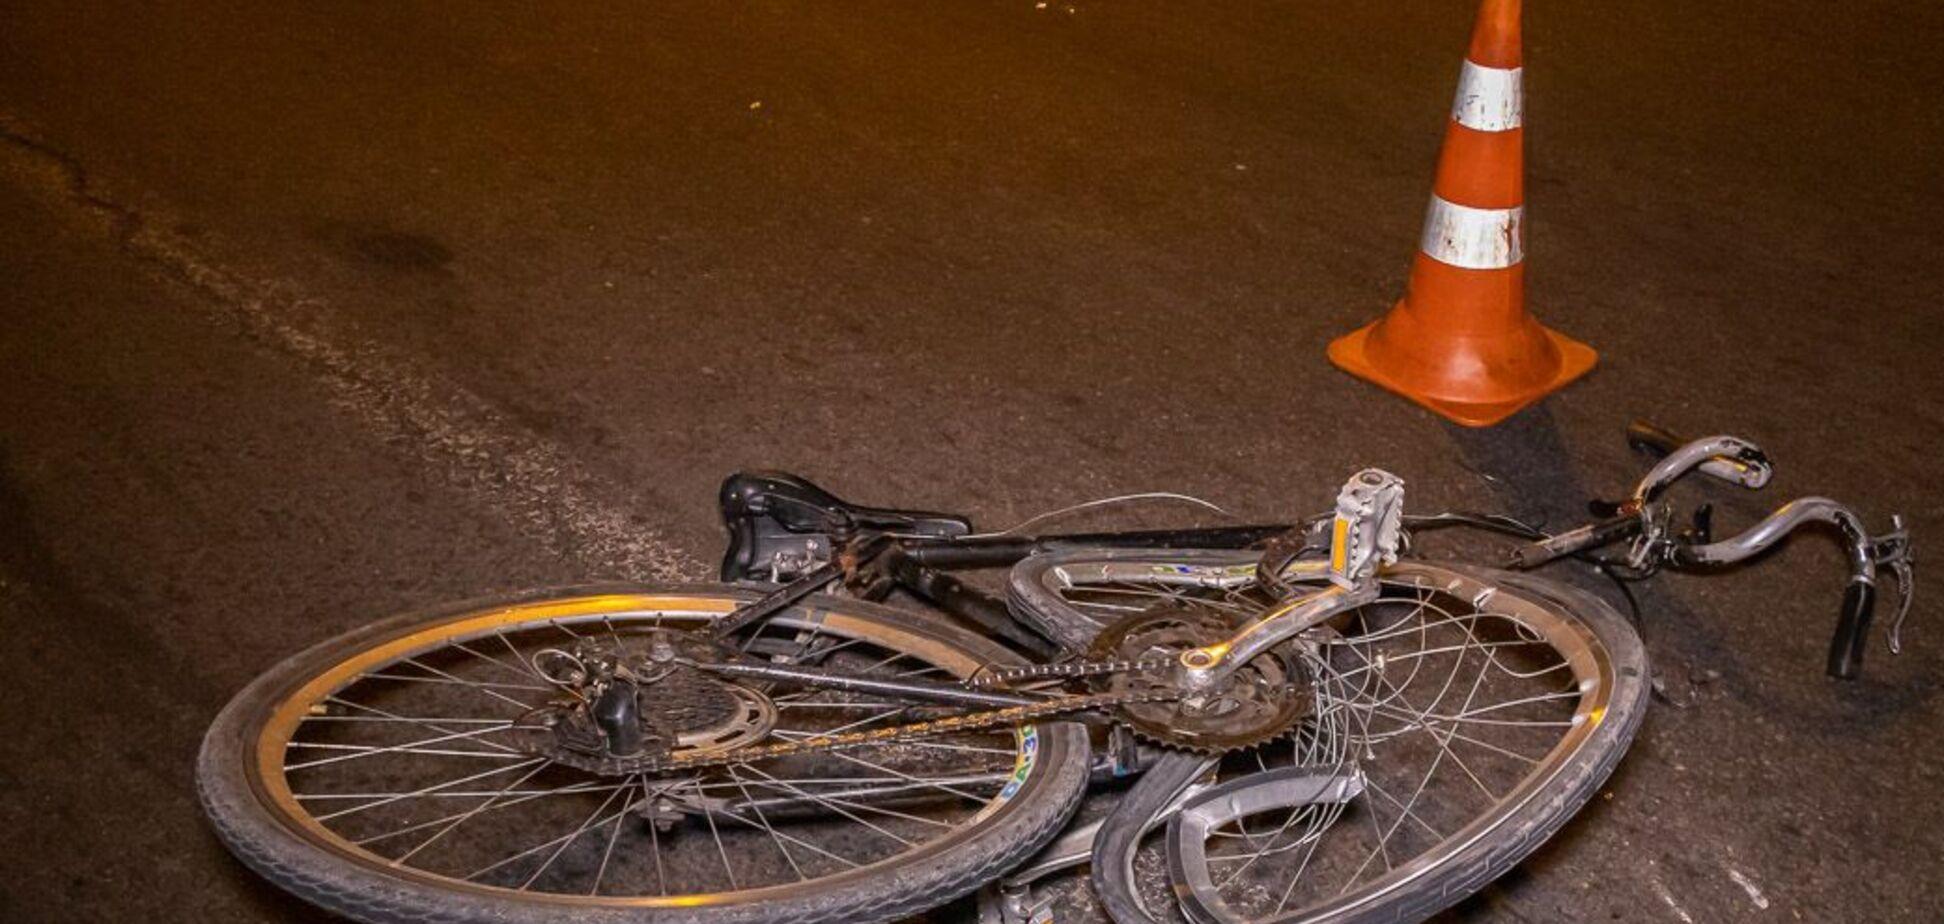 В Днепре авто на скорости сбило велосипедиста: пострадавший скончался на месте